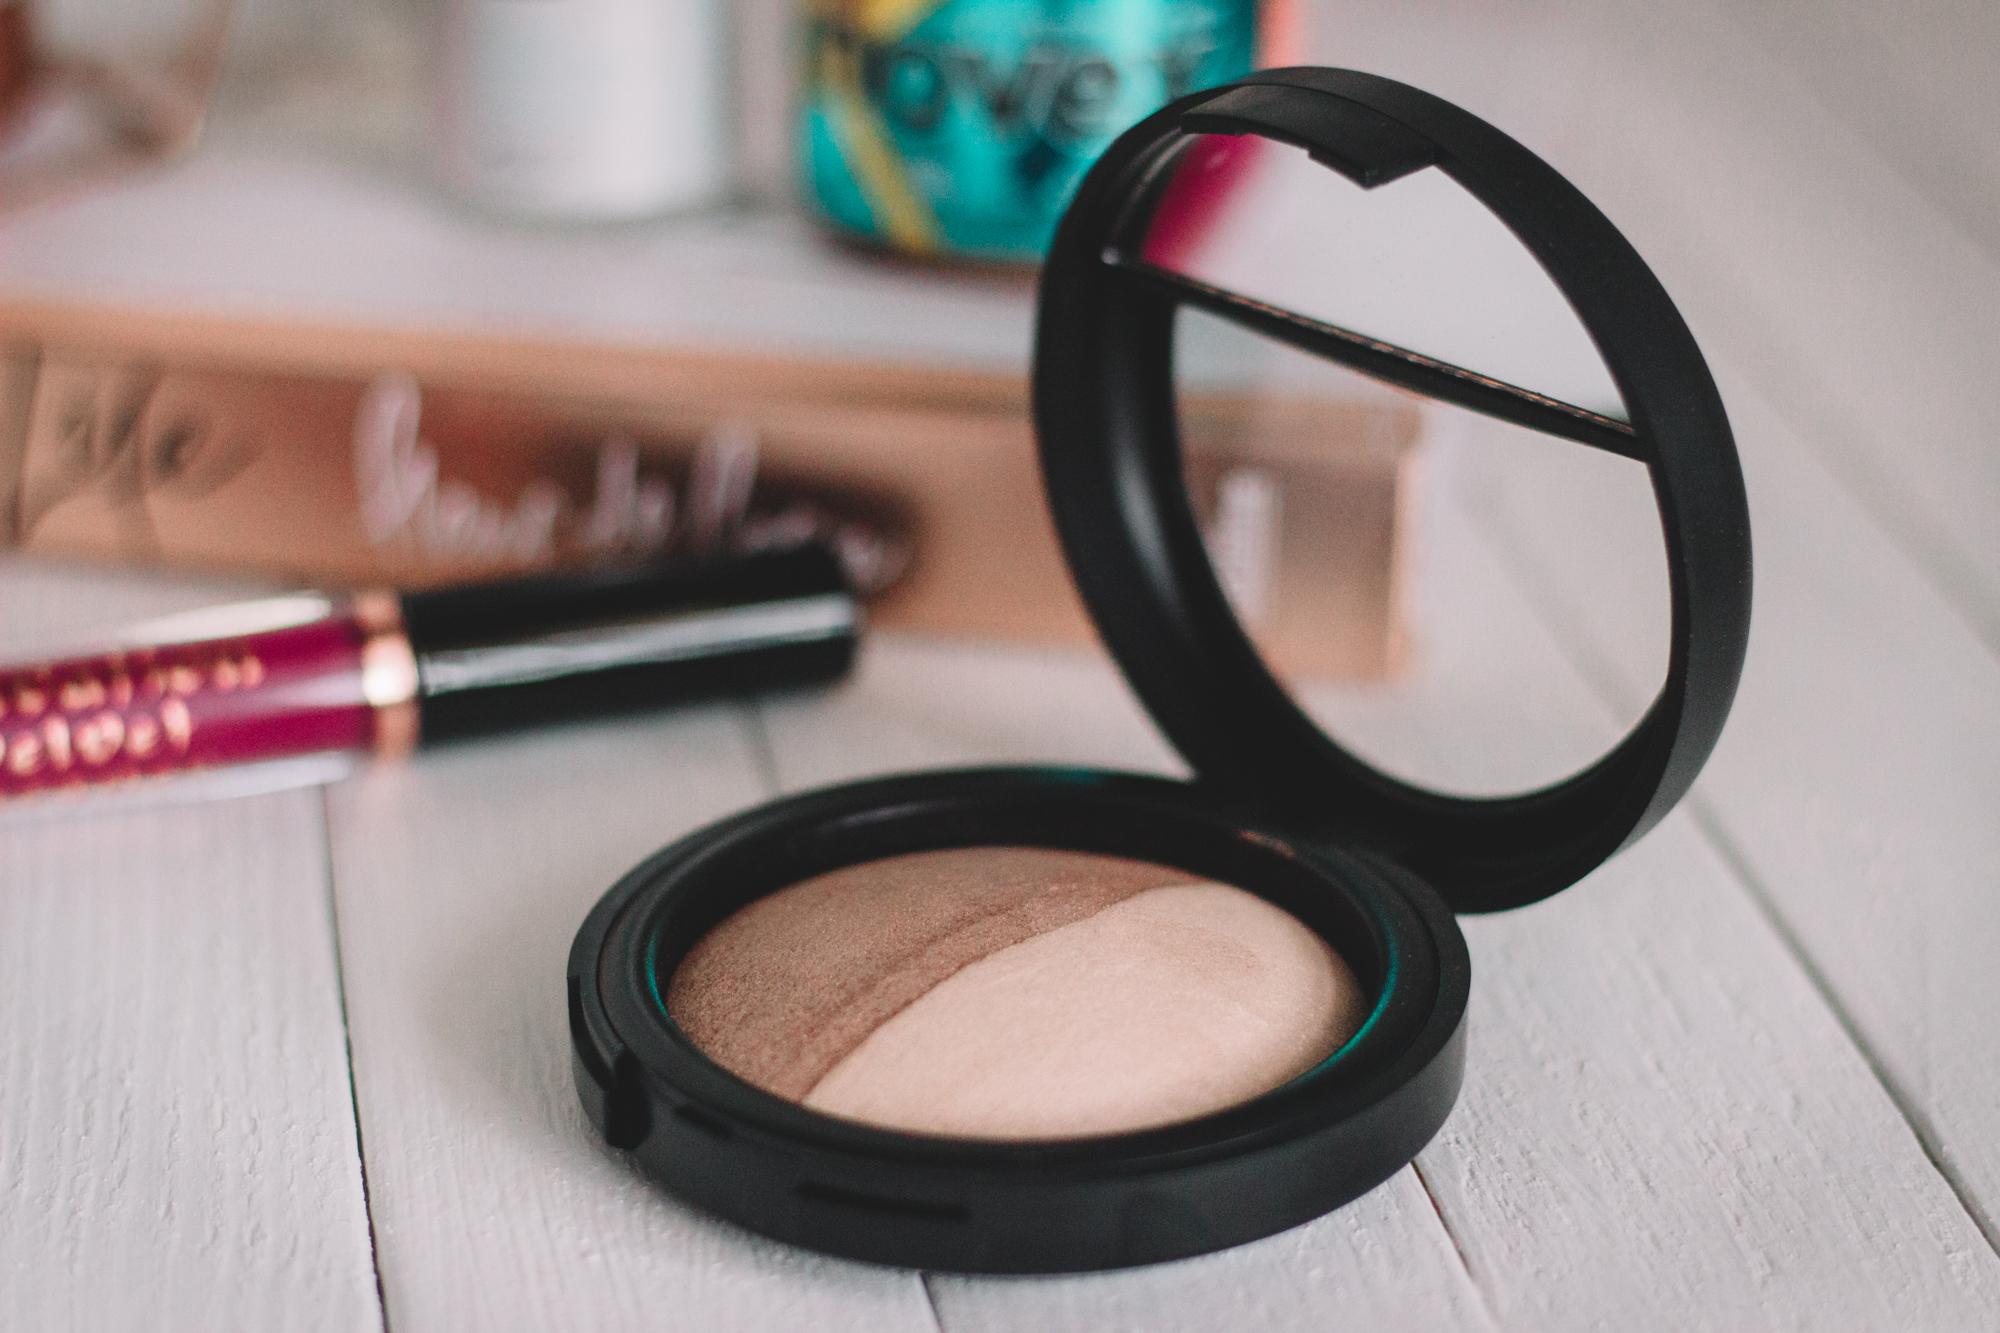 lupa-flormar-make-up-revolution-embelleze-novex-experimentar